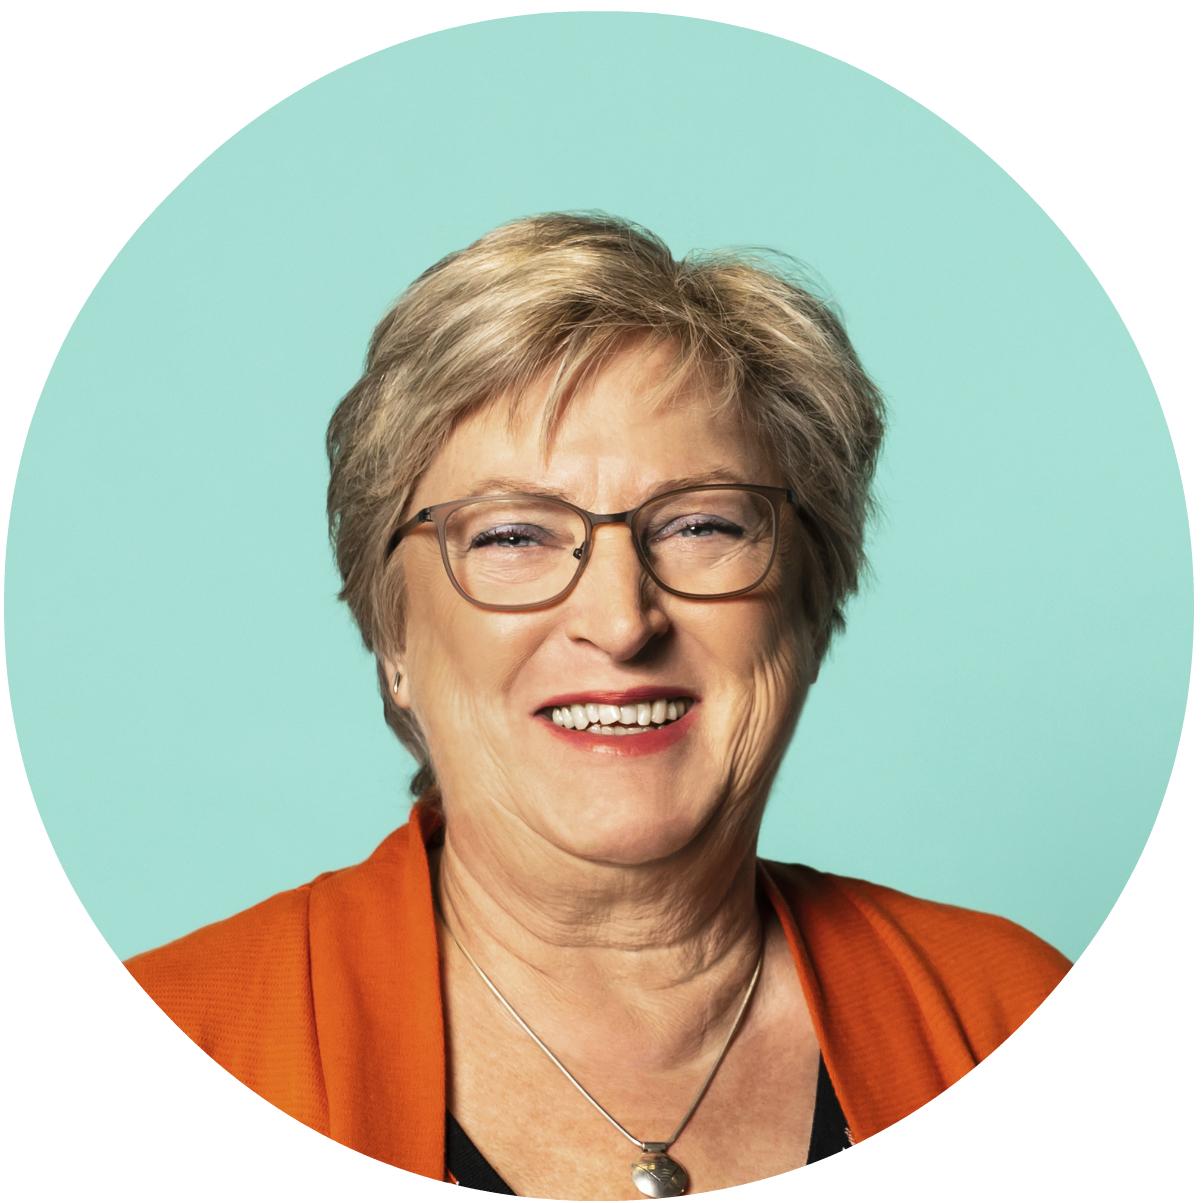 Gerda Kersten Caleidoz